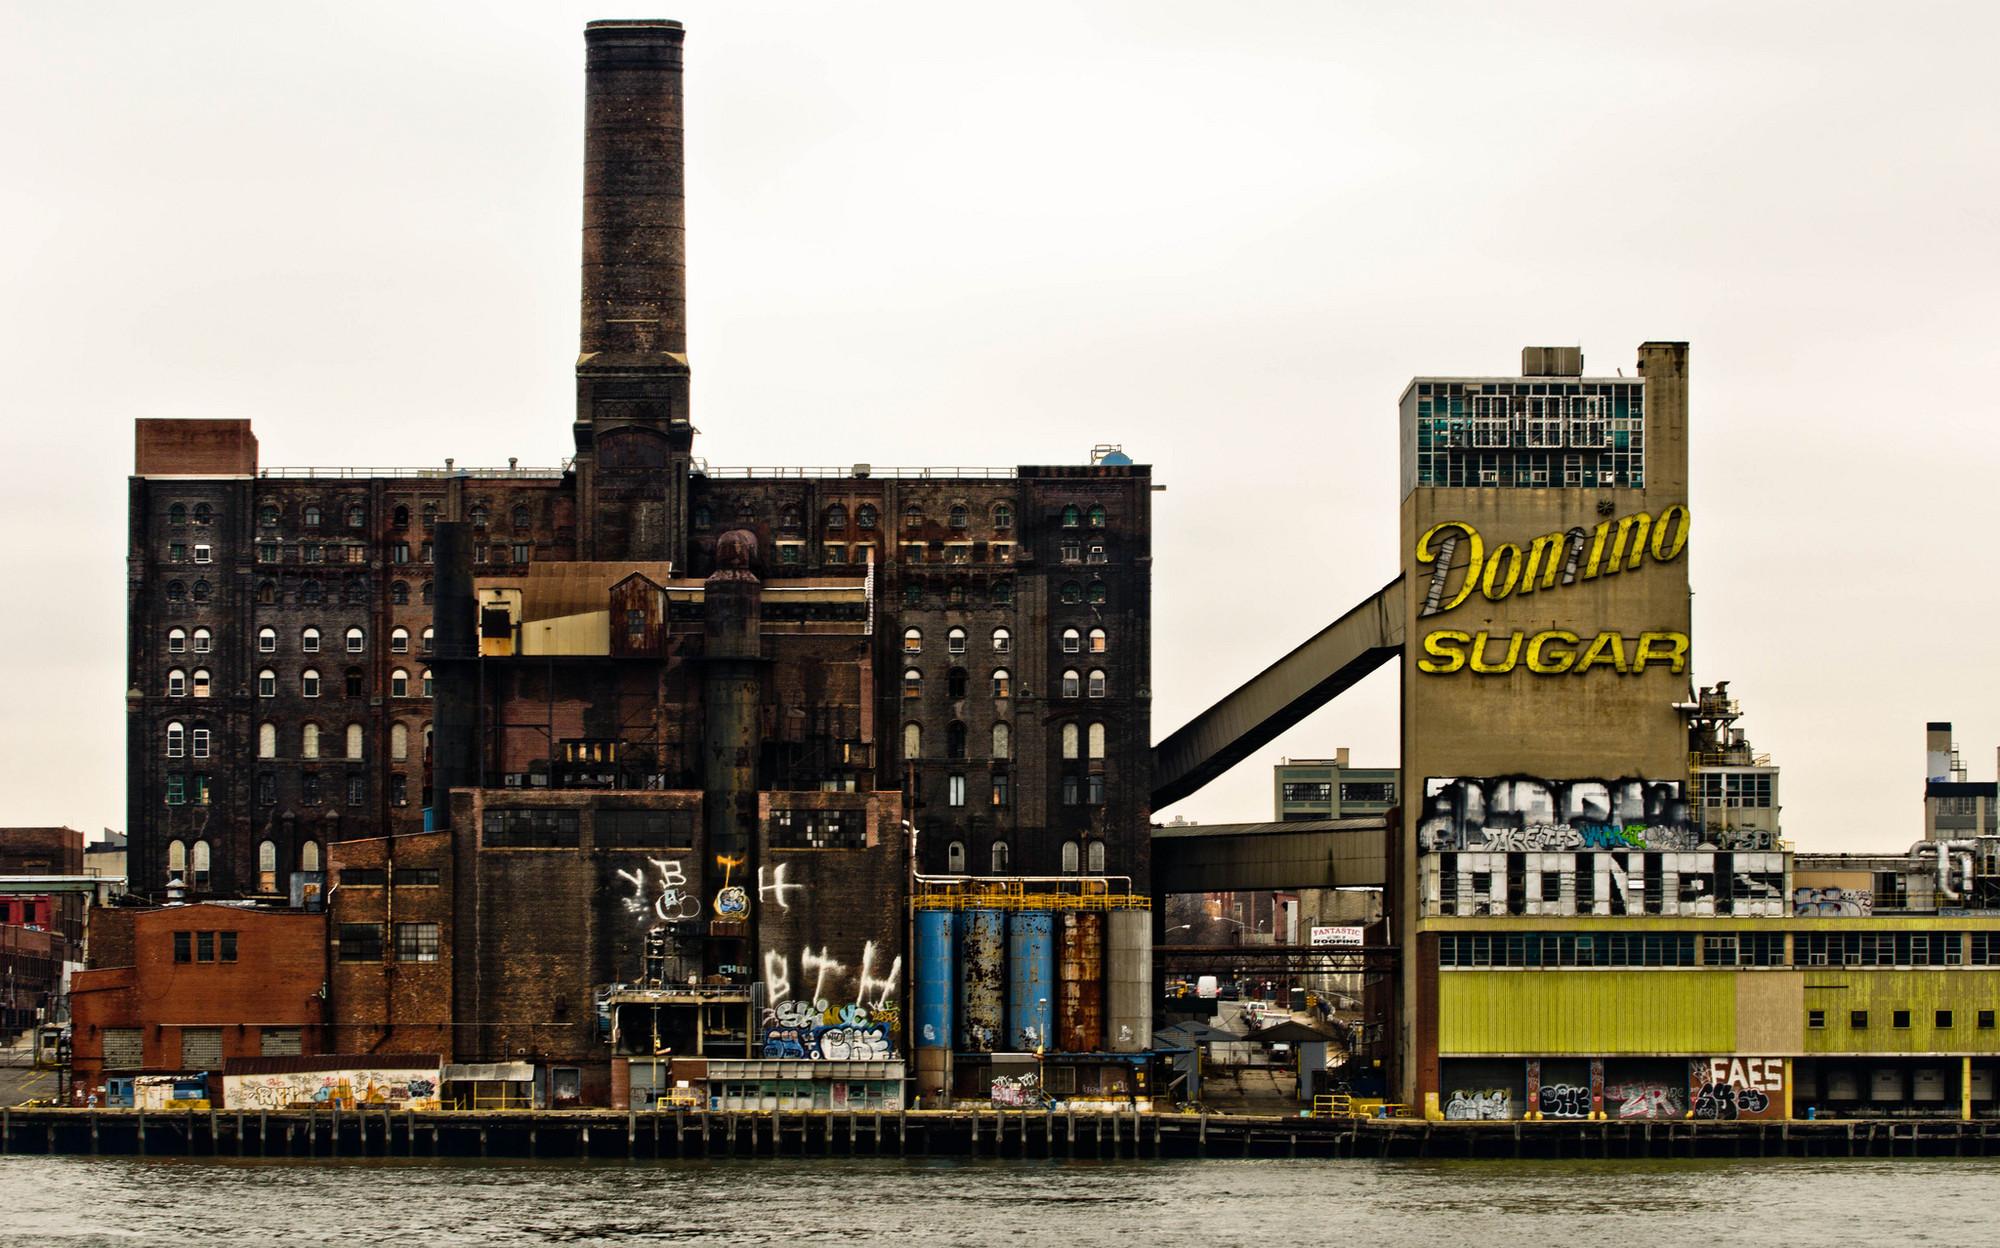 Instalaciones de Domino Sugar Factory. Image © asf_nyc [Flickr]